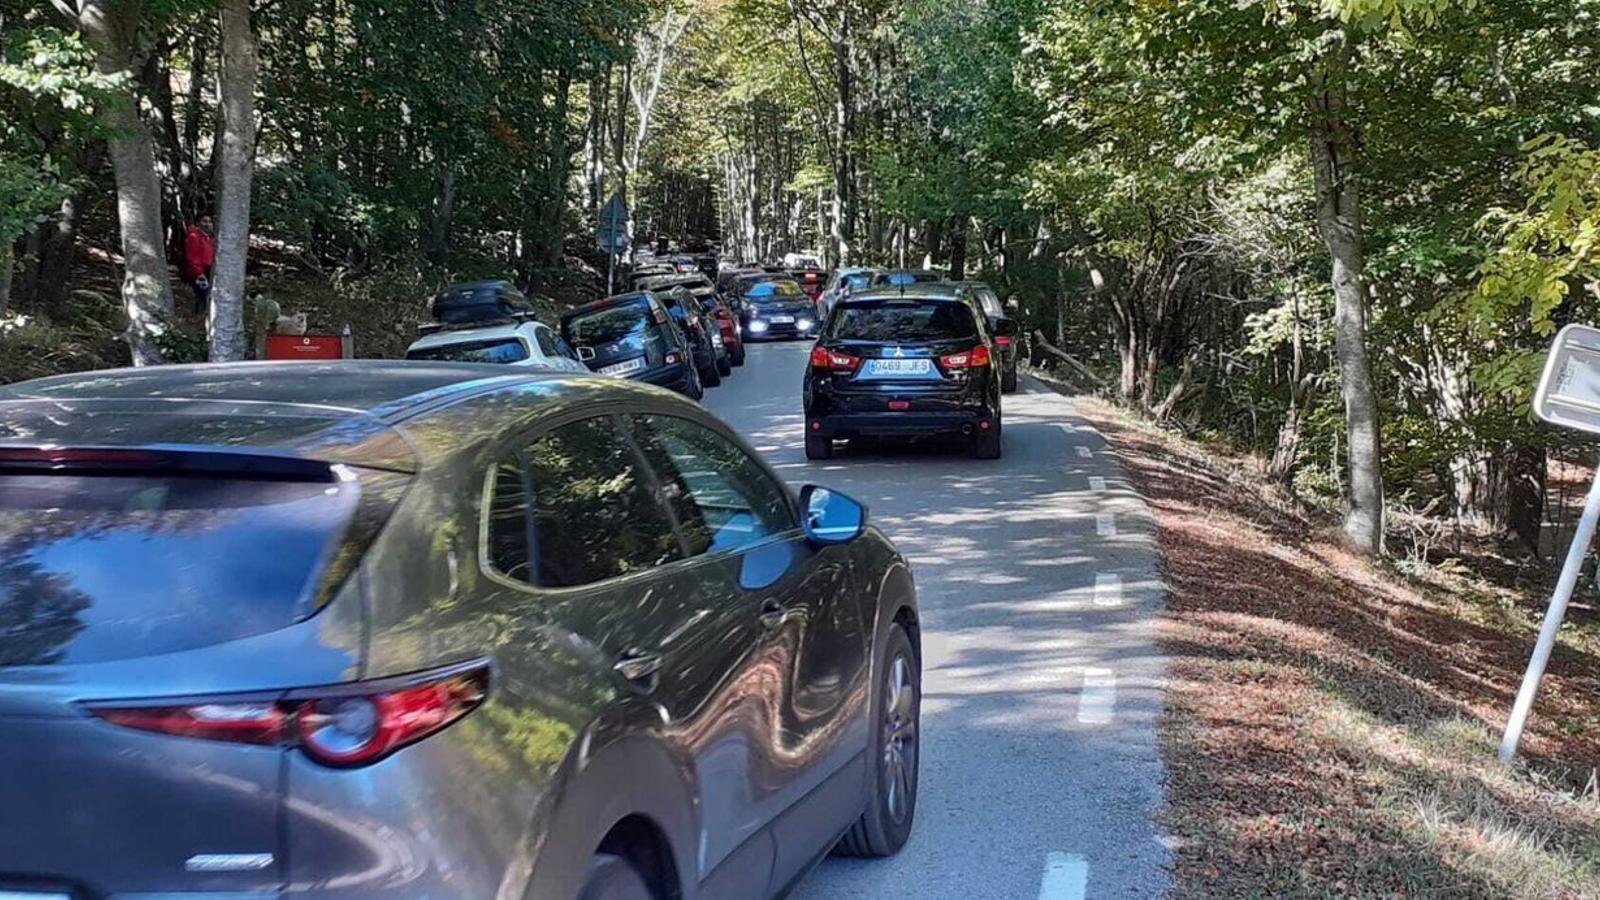 Els últims caps de setmana s'han registrat massificacions de vehicles aparcats a les principals vies d'accés dels parcs naturals del Montseny i de Sant Llorenç / DIPUTACIÓ DE BARCELONA